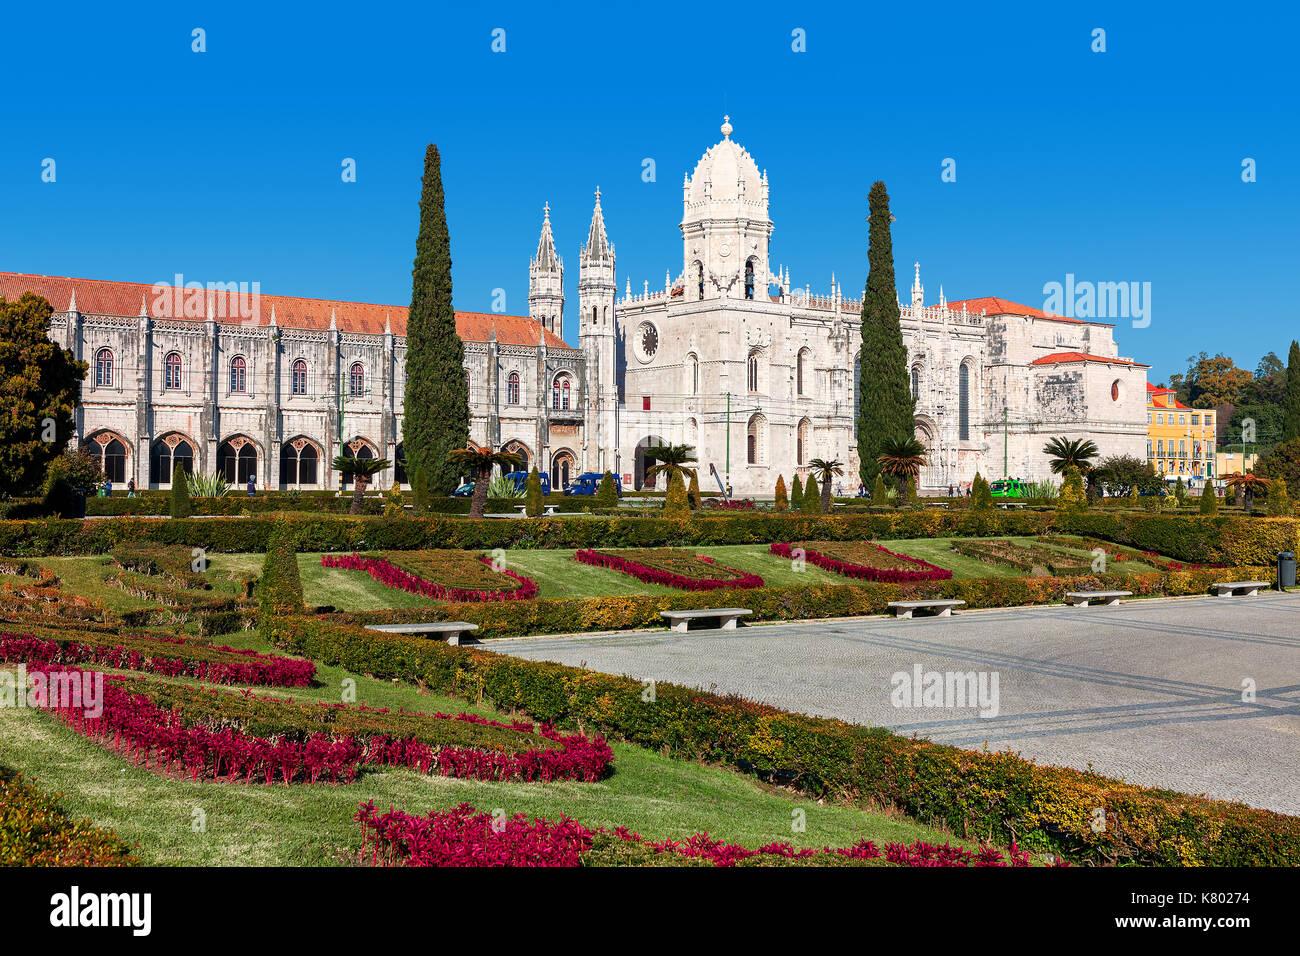 Vue sur parc urbain avec des fleurs et des jeronimos monastère des Hiéronymites (aka) sous ciel bleu à Lisbonne, Portugal. Photo Stock